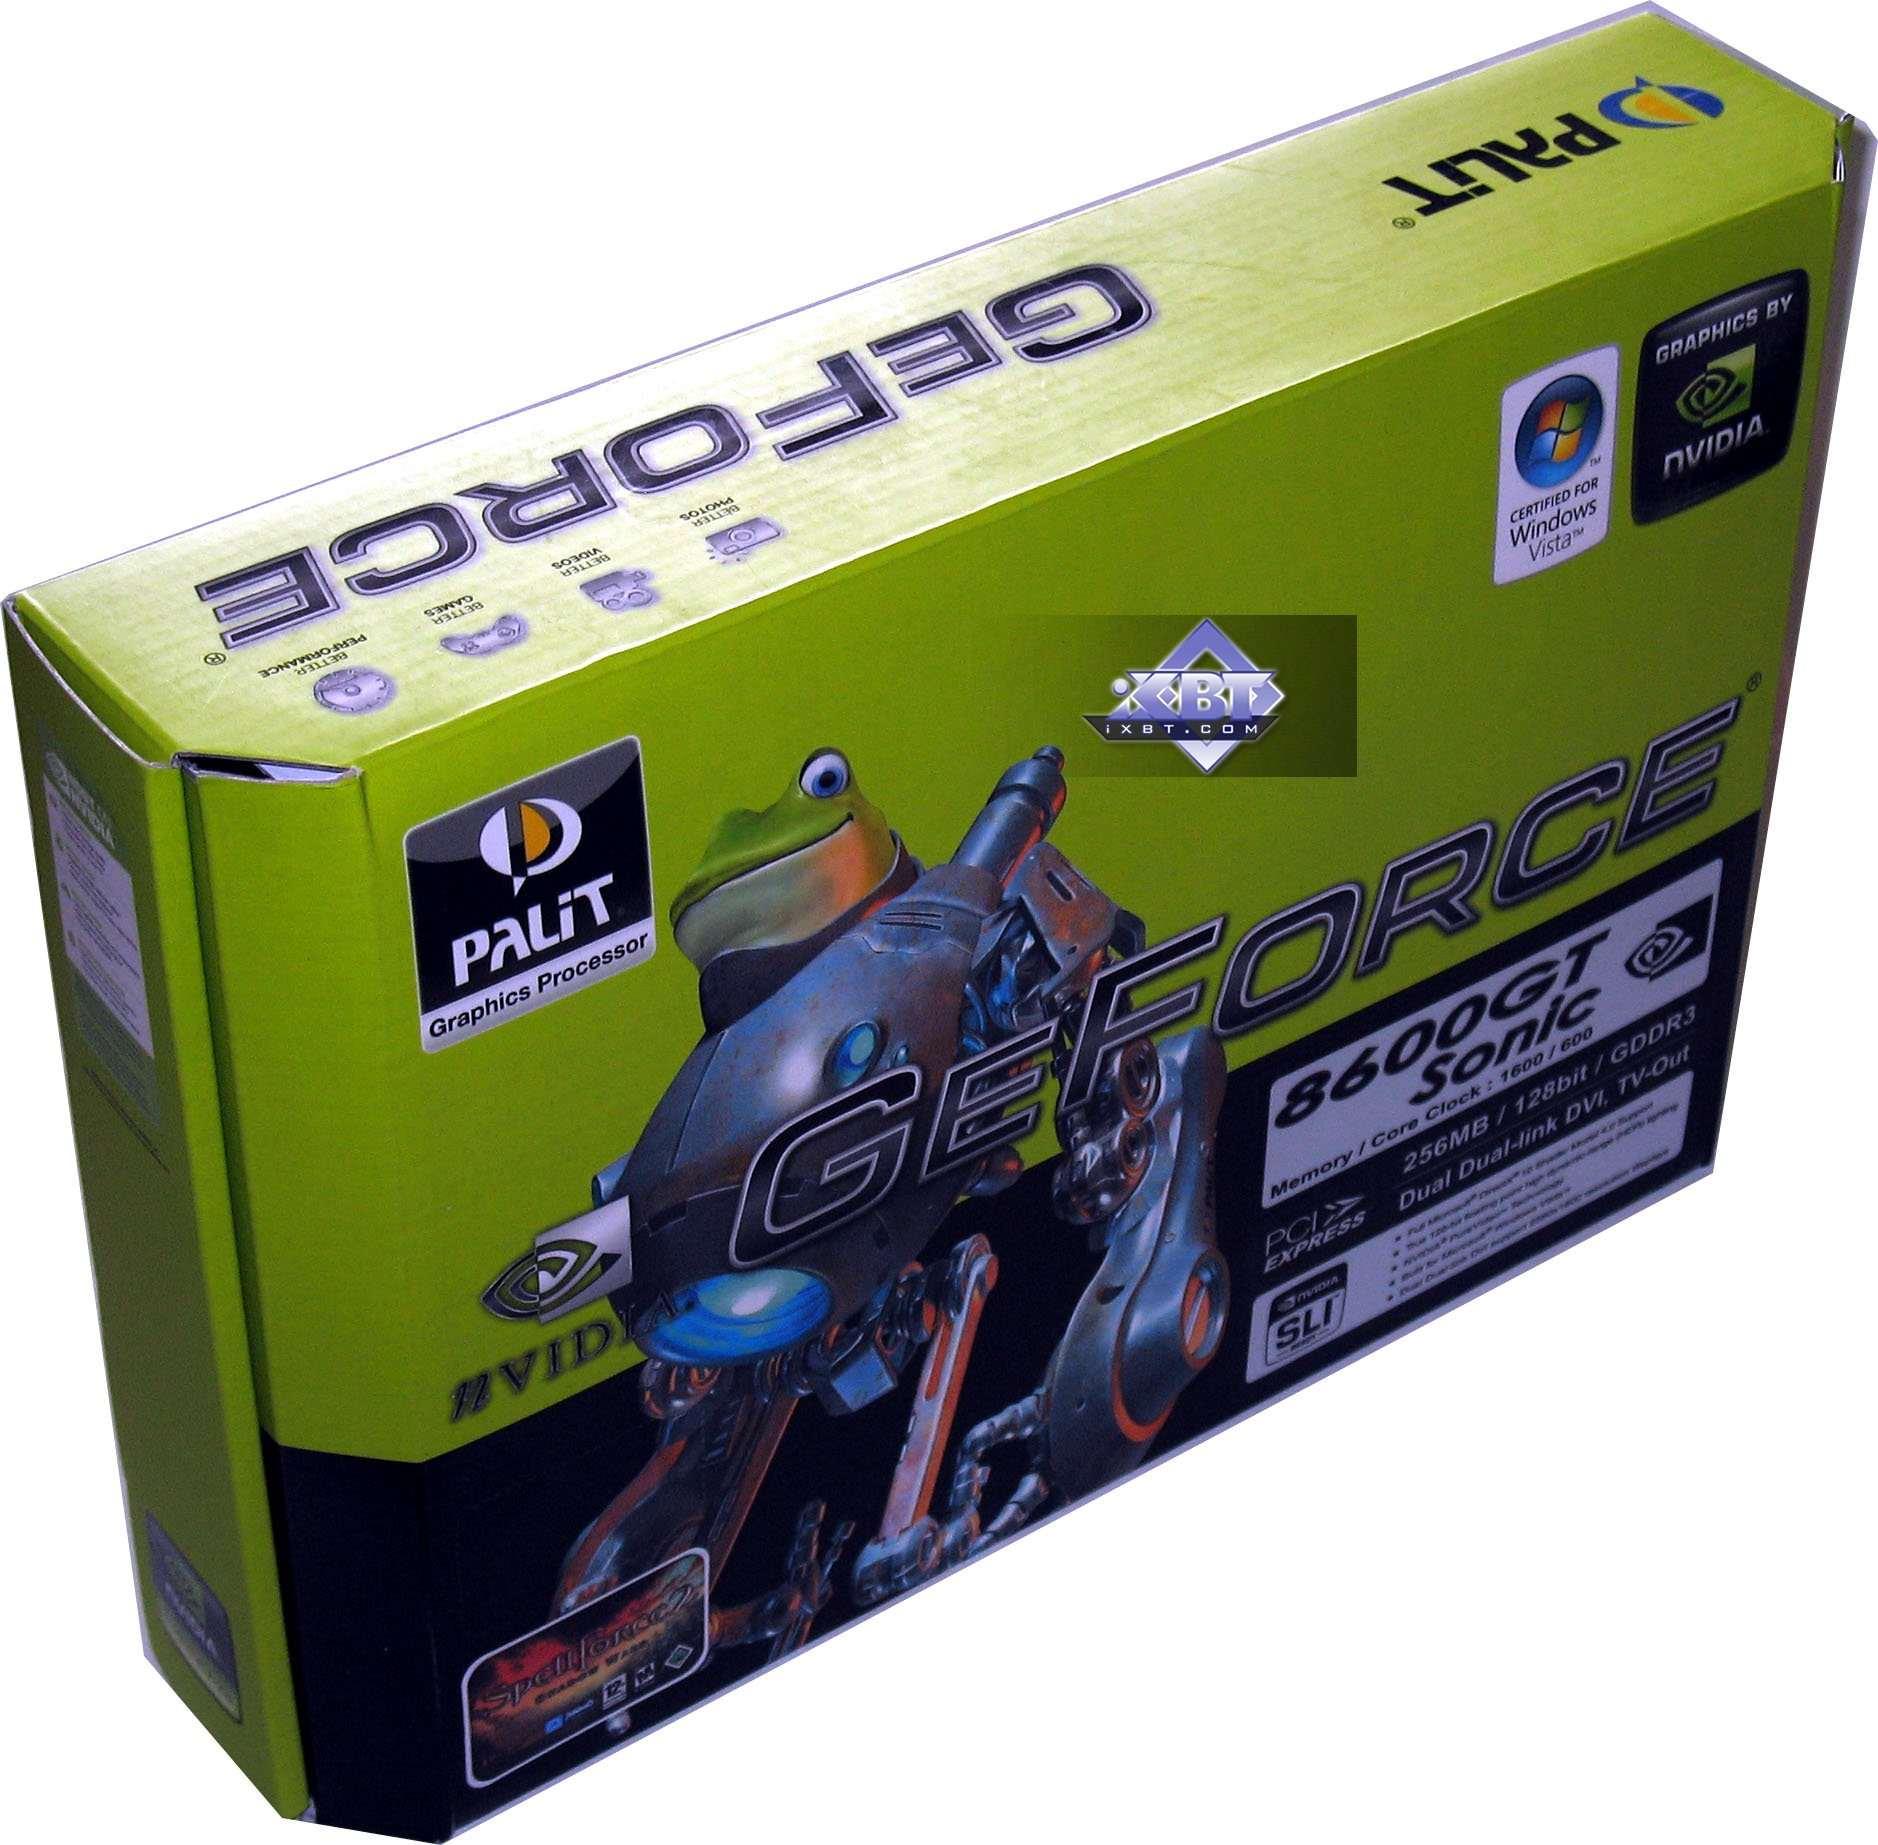 скачать драйвера на видеокарту nvidia gt 520mx